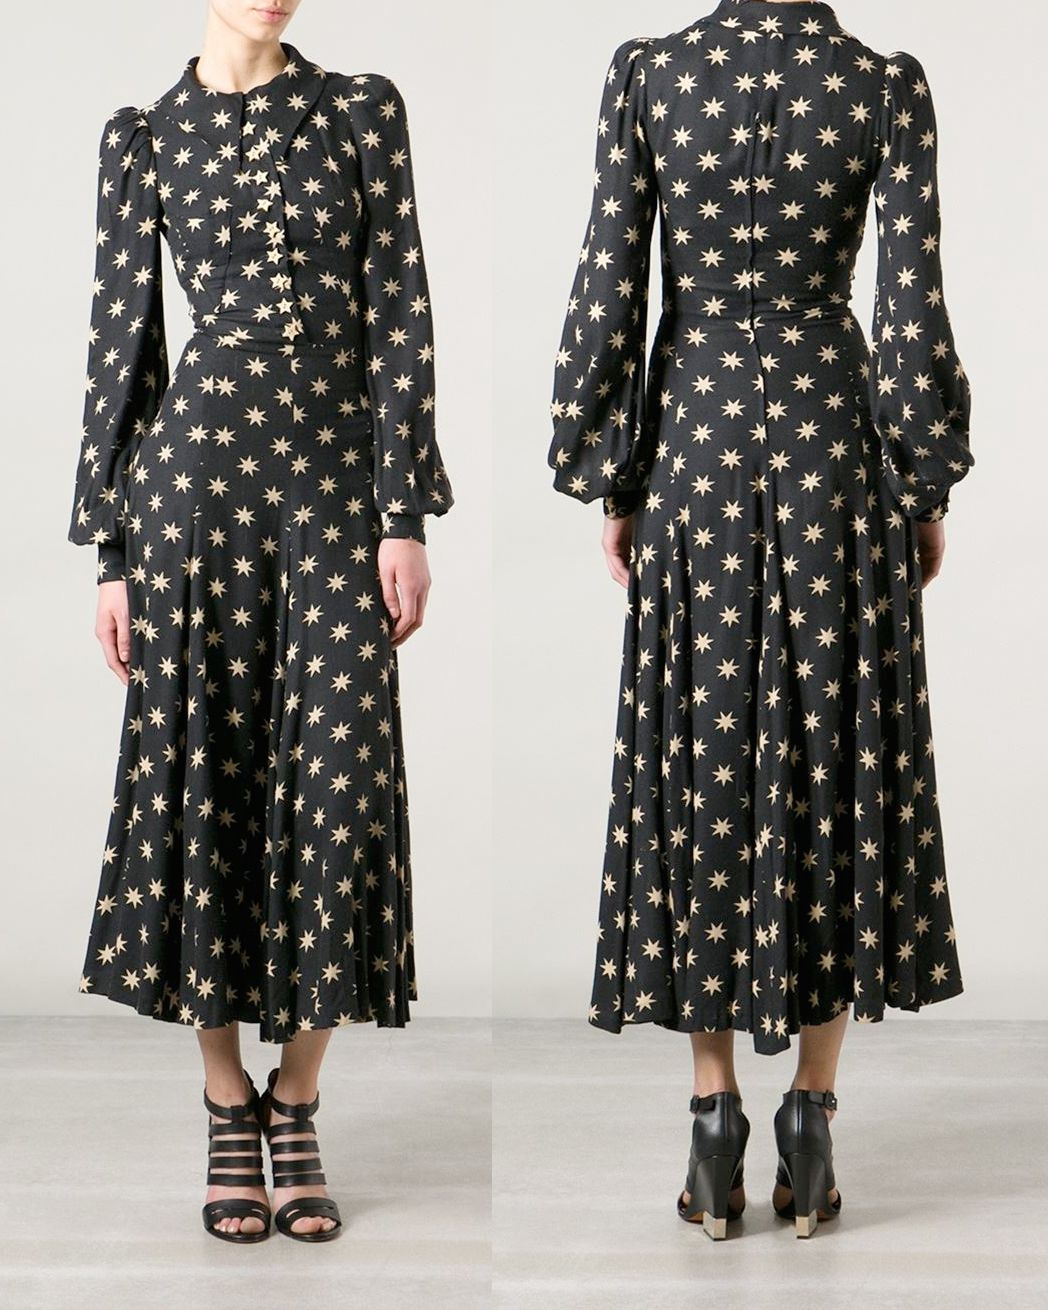 982ca7f79e Vintage Biba Star Print Dress. http   www.farfetch.com